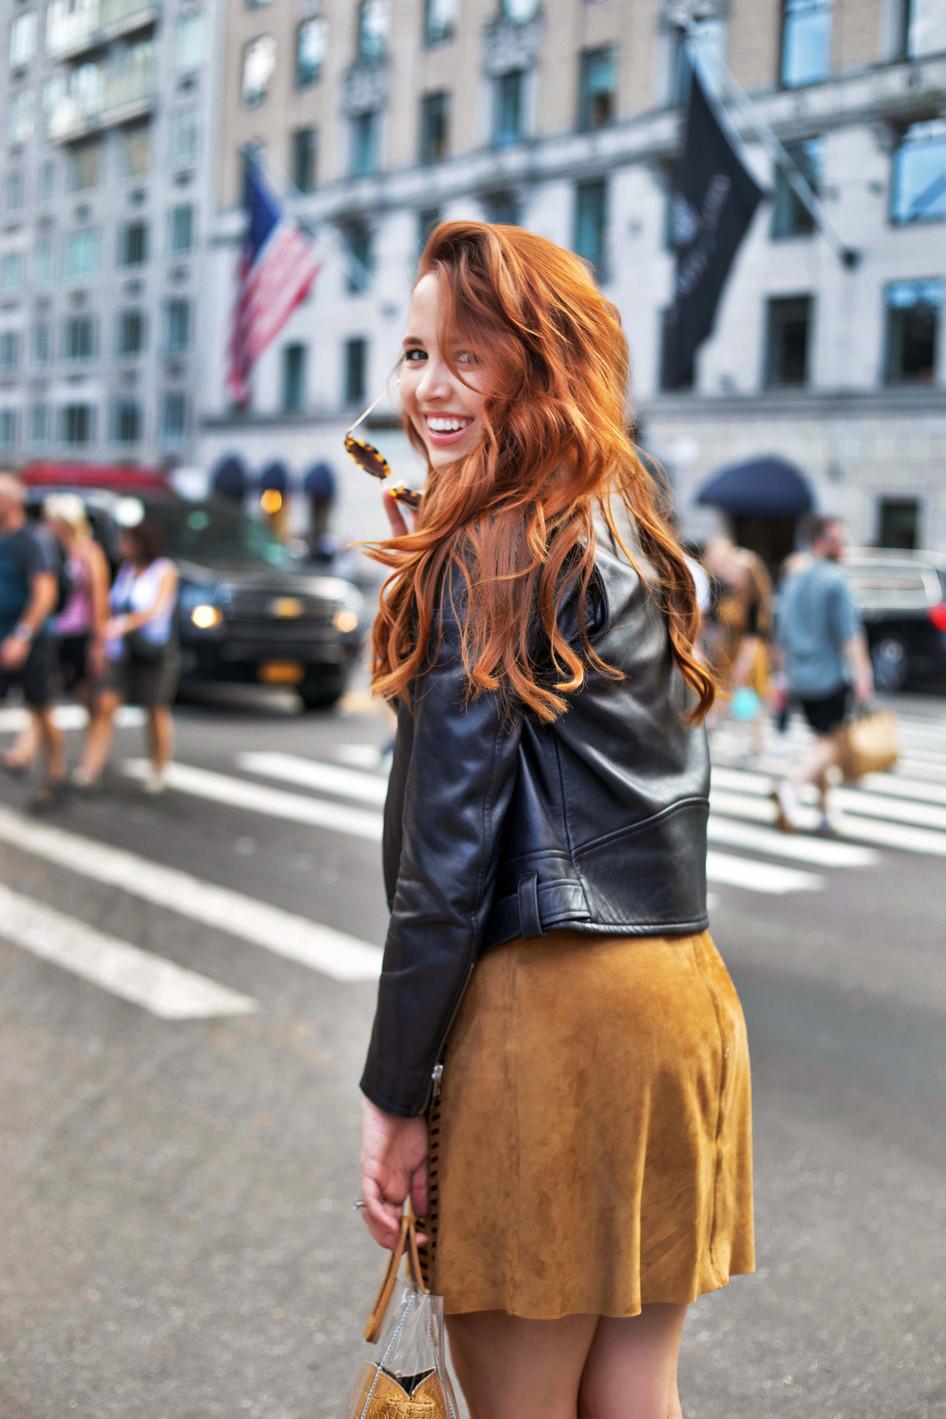 ad shoot for website-60.jpg